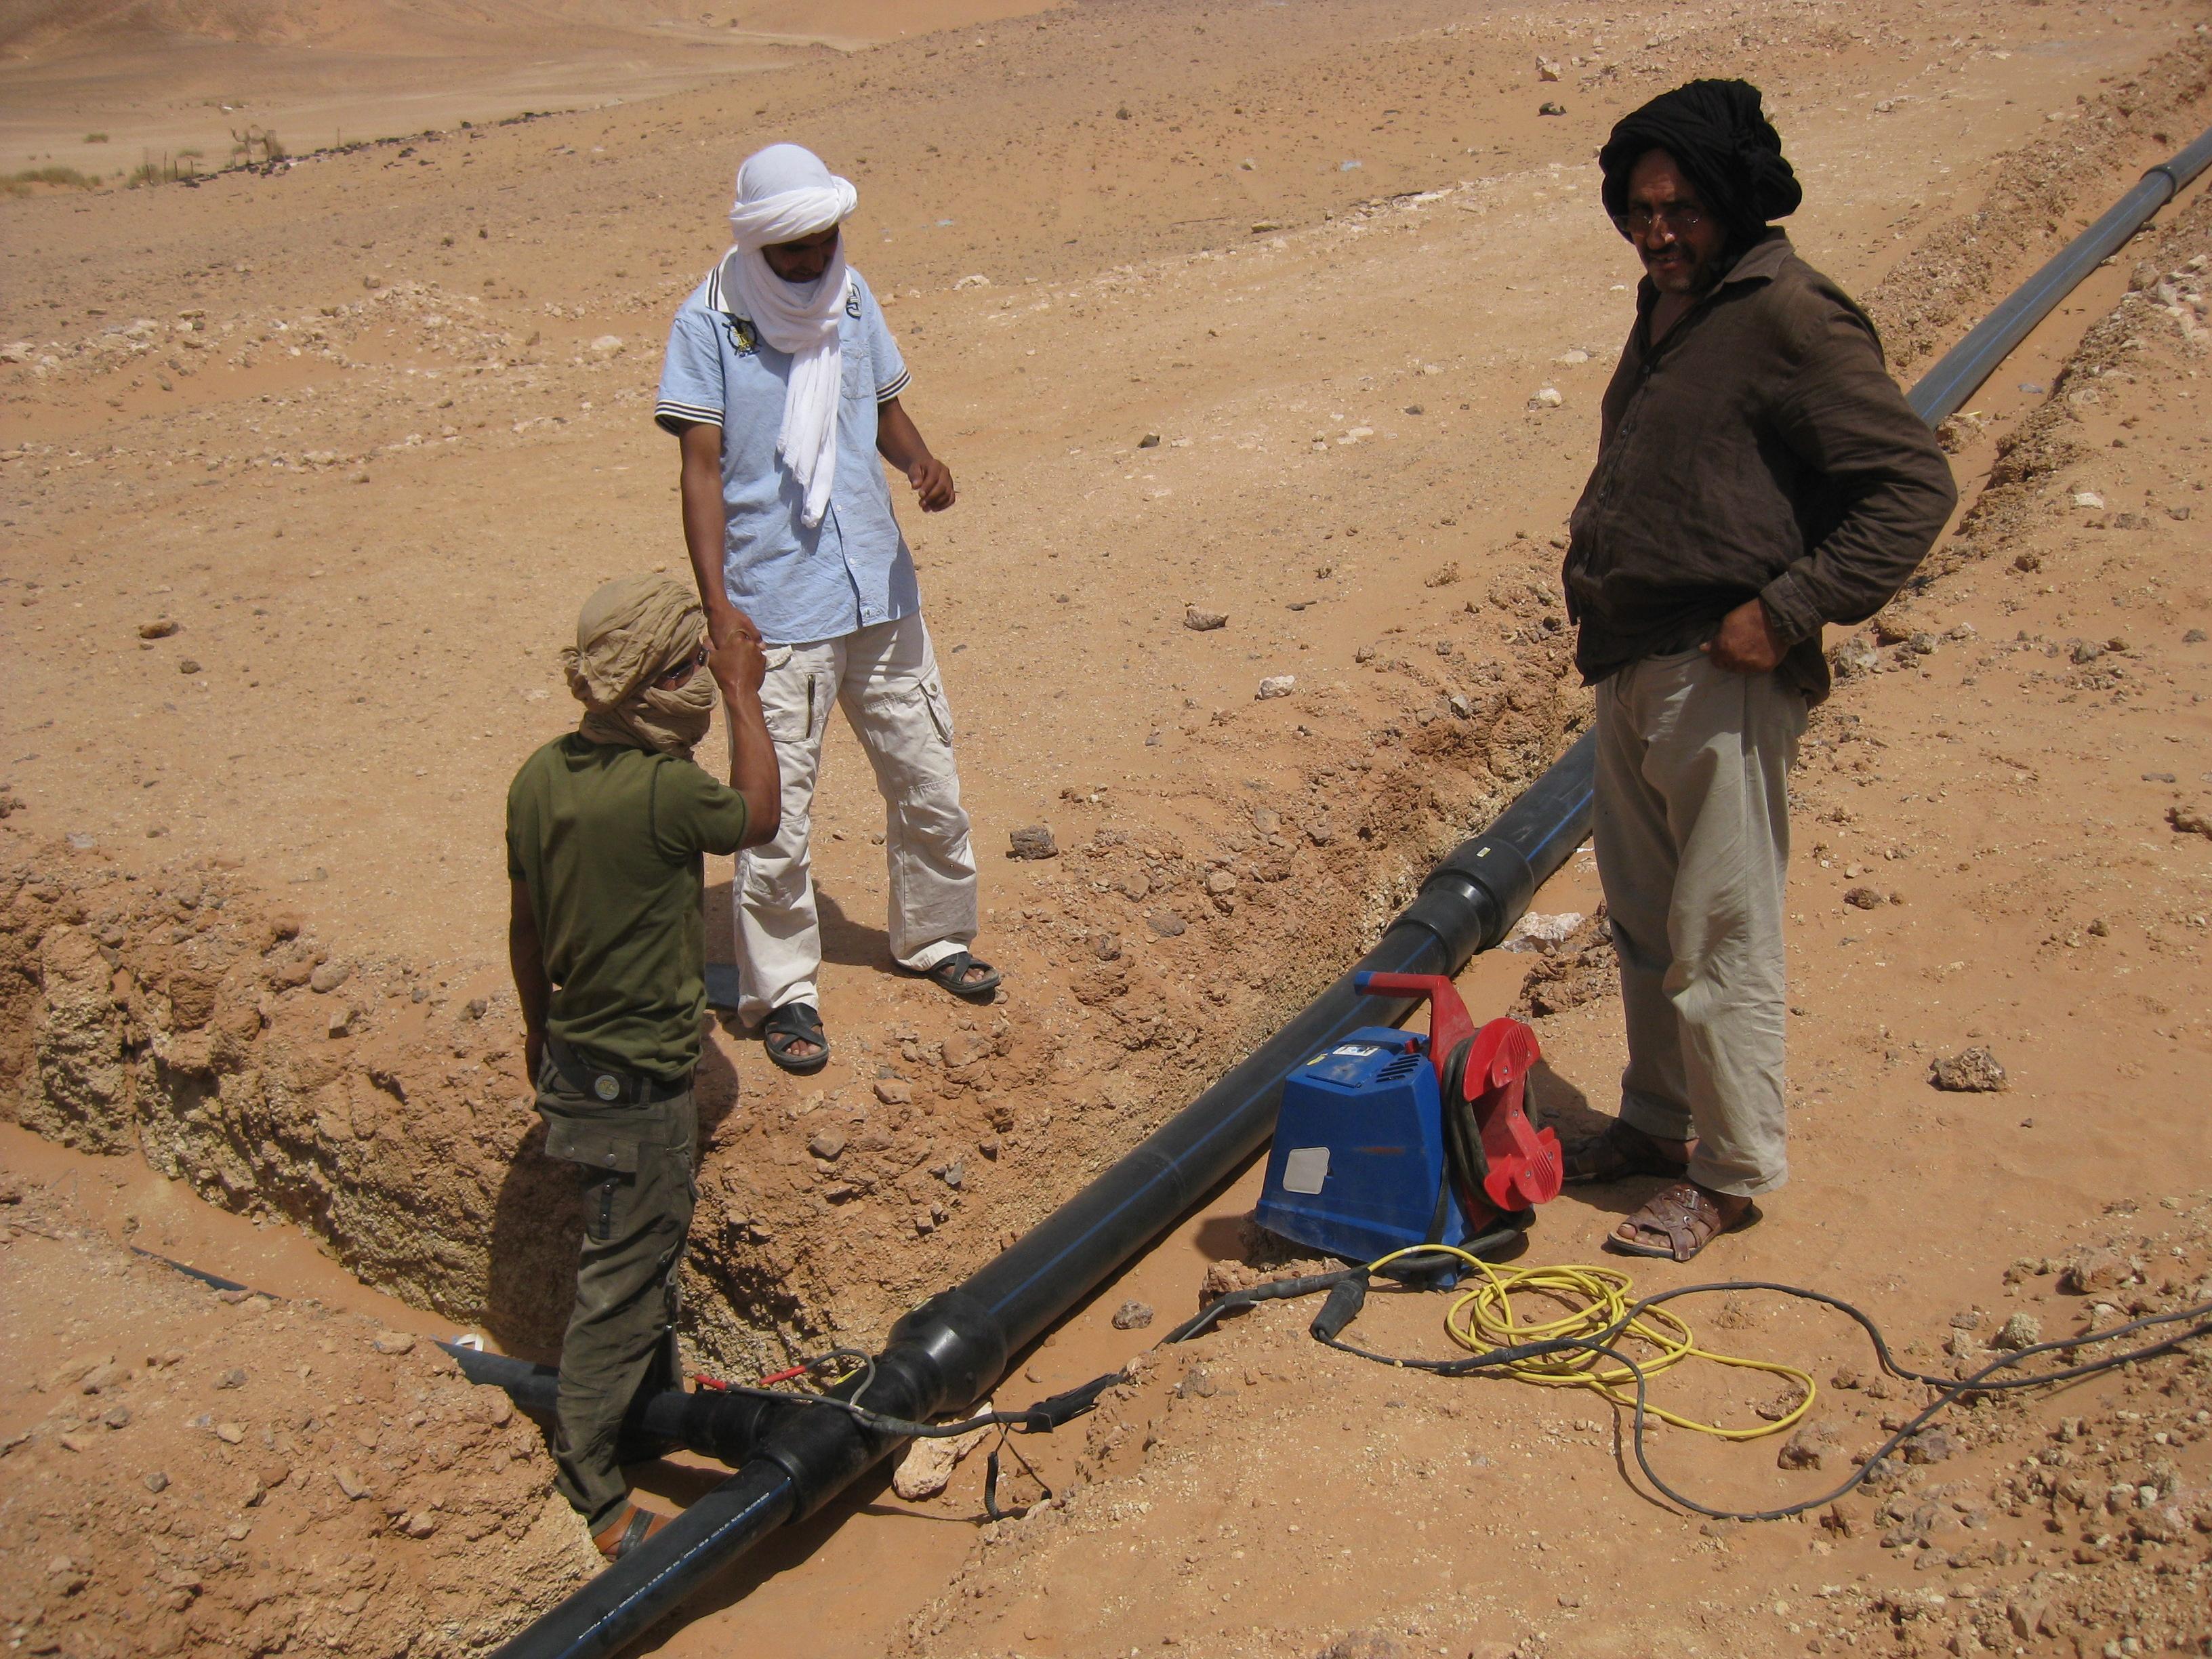 Programa de abastecimiento de agua en los Campamentos de Refugiados Saharauis (CRS) en Tindouf –  ACNUR 2002-2020